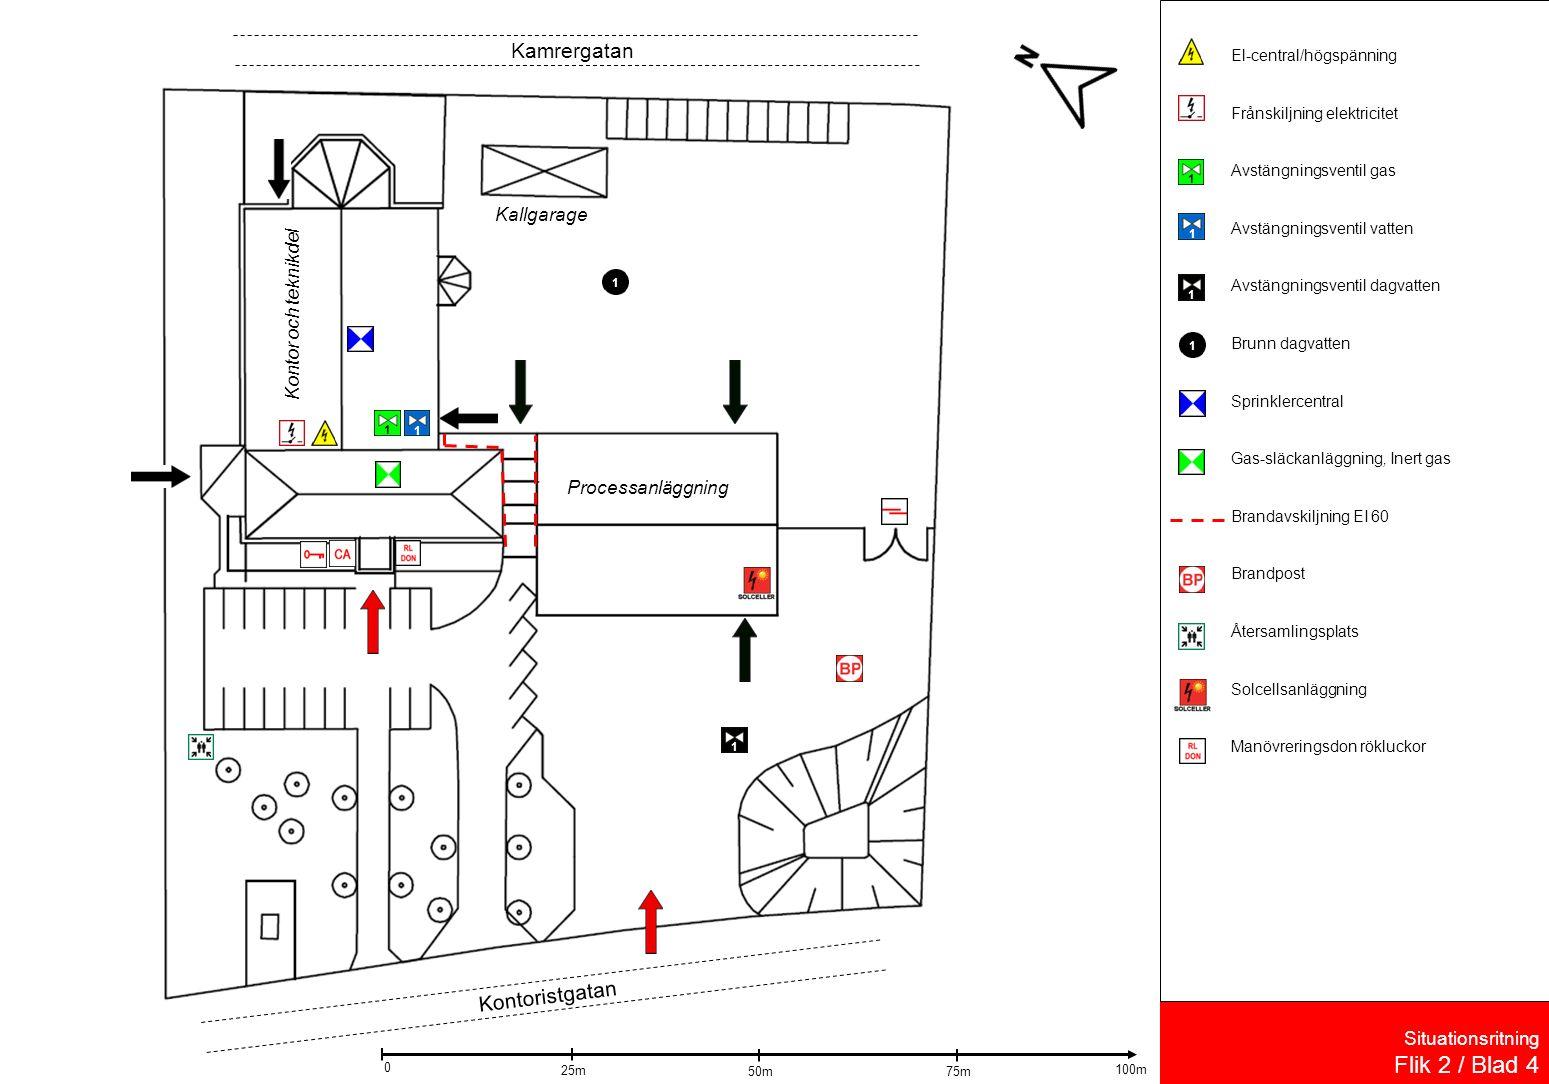 Situationsritning Flik 2 / Blad 4 El-central/högspänning Frånskiljning elektricitet Avstängningsventil gas Avstängningsventil vatten Avstängningsventil dagvatten Brunn dagvatten Sprinklercentral Gas-släckanläggning, Inert gas Brandavskiljning EI 60 Brandpost Återsamlingsplats Solcellsanläggning Manövreringsdon rökluckor Kallgarage Kontor och teknikdel Processanläggning 1 1 11 Kamrergatan Kontoristgatan 11 50m 25m 75m 100m 0 11